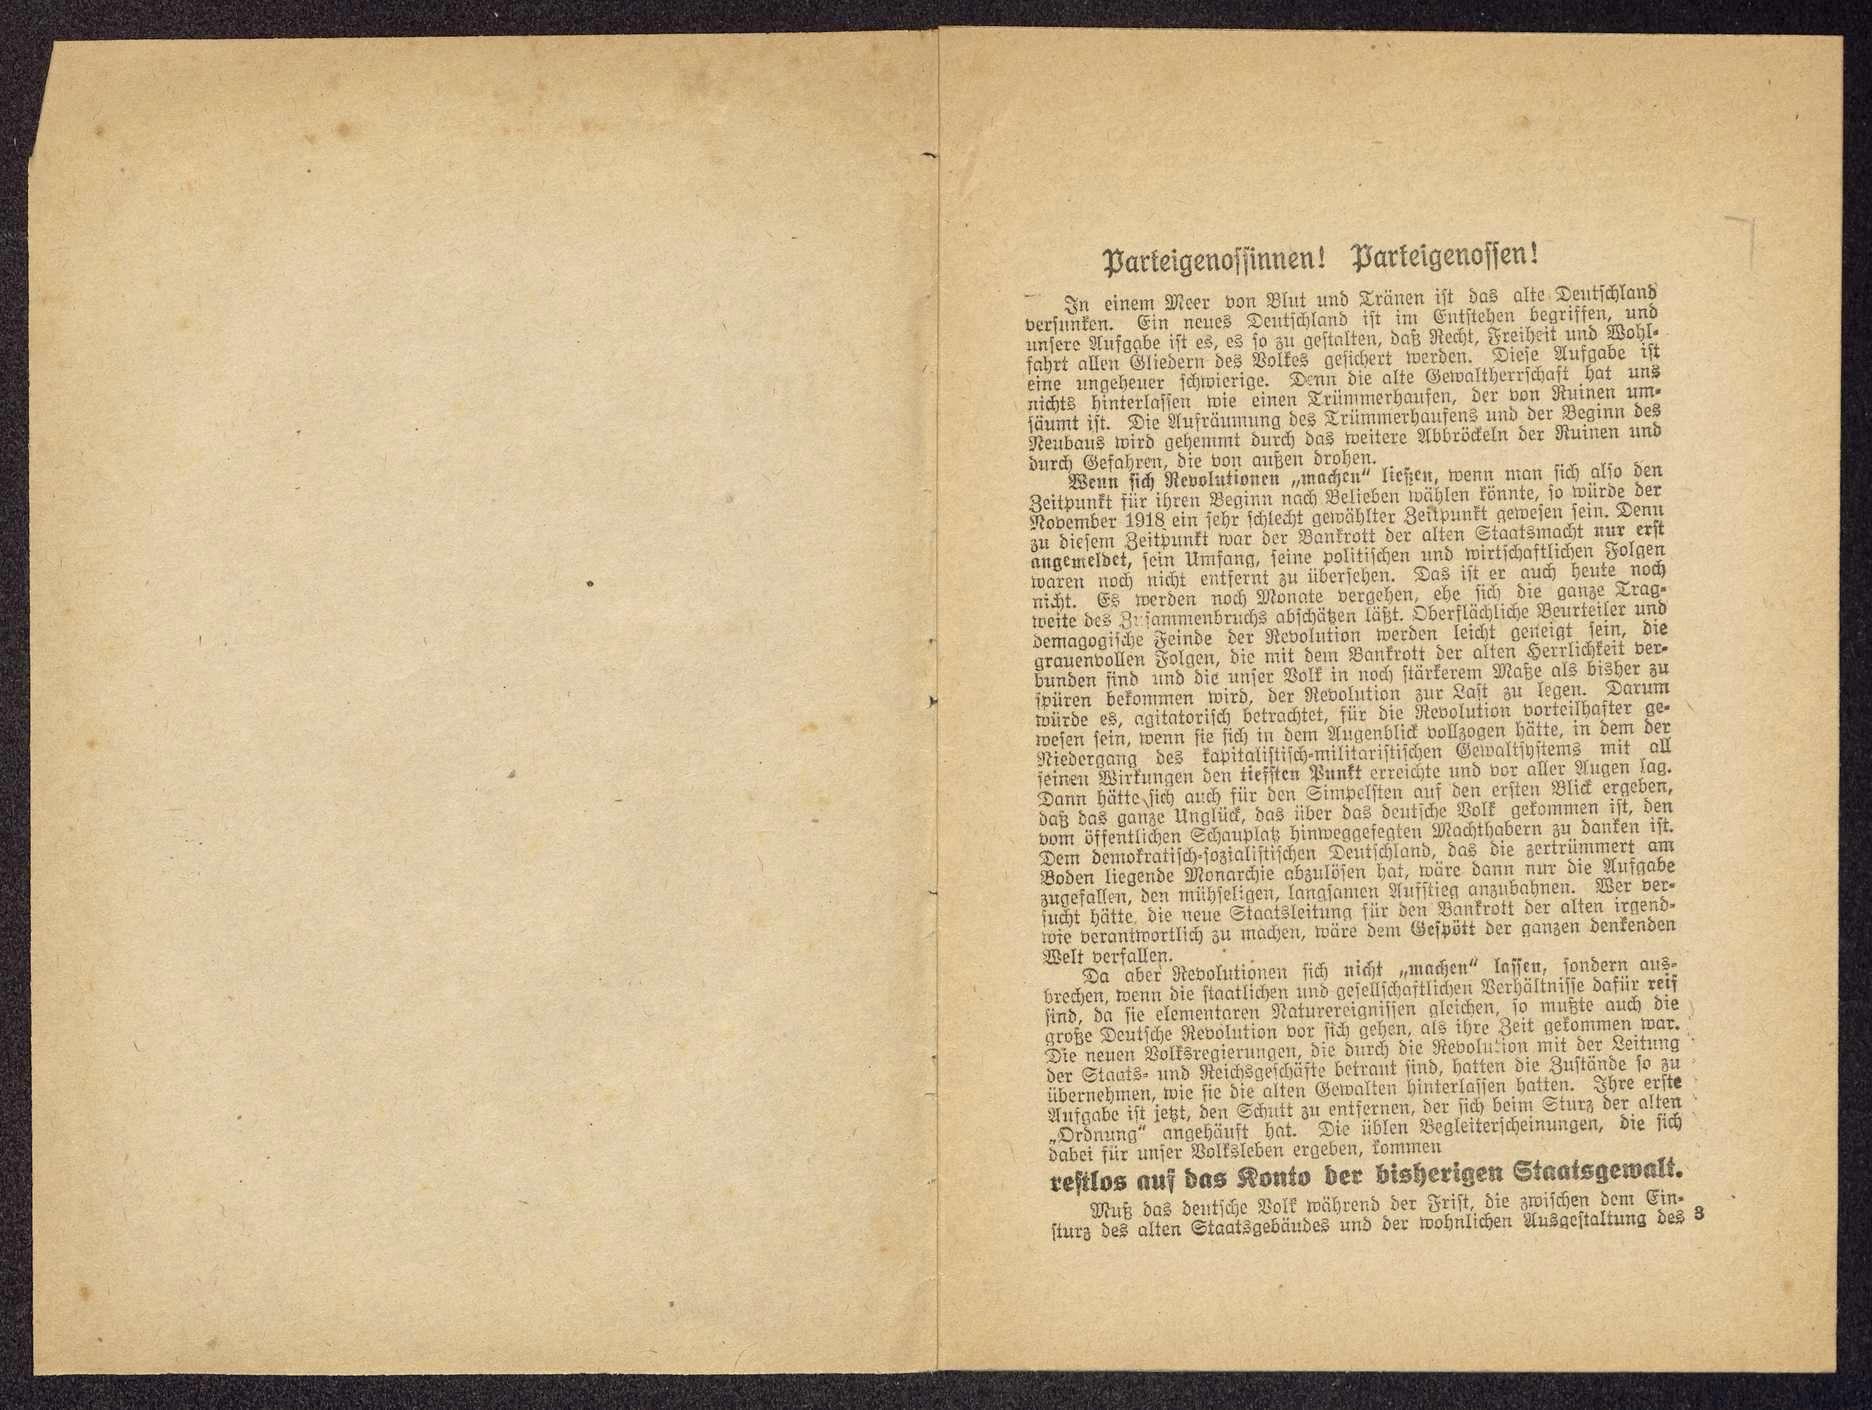 Wilhelm Keil: Die Sozialdemokratie und die Erneuerung Deutschlands. Vortrag ... auf der außerordentlichen Landesversammlung der Sozialdemokraten Württembergs am 21. Dezember 1918 (Schwäbische Tagwacht G.m.b.H., Stuttgart), Bild 2